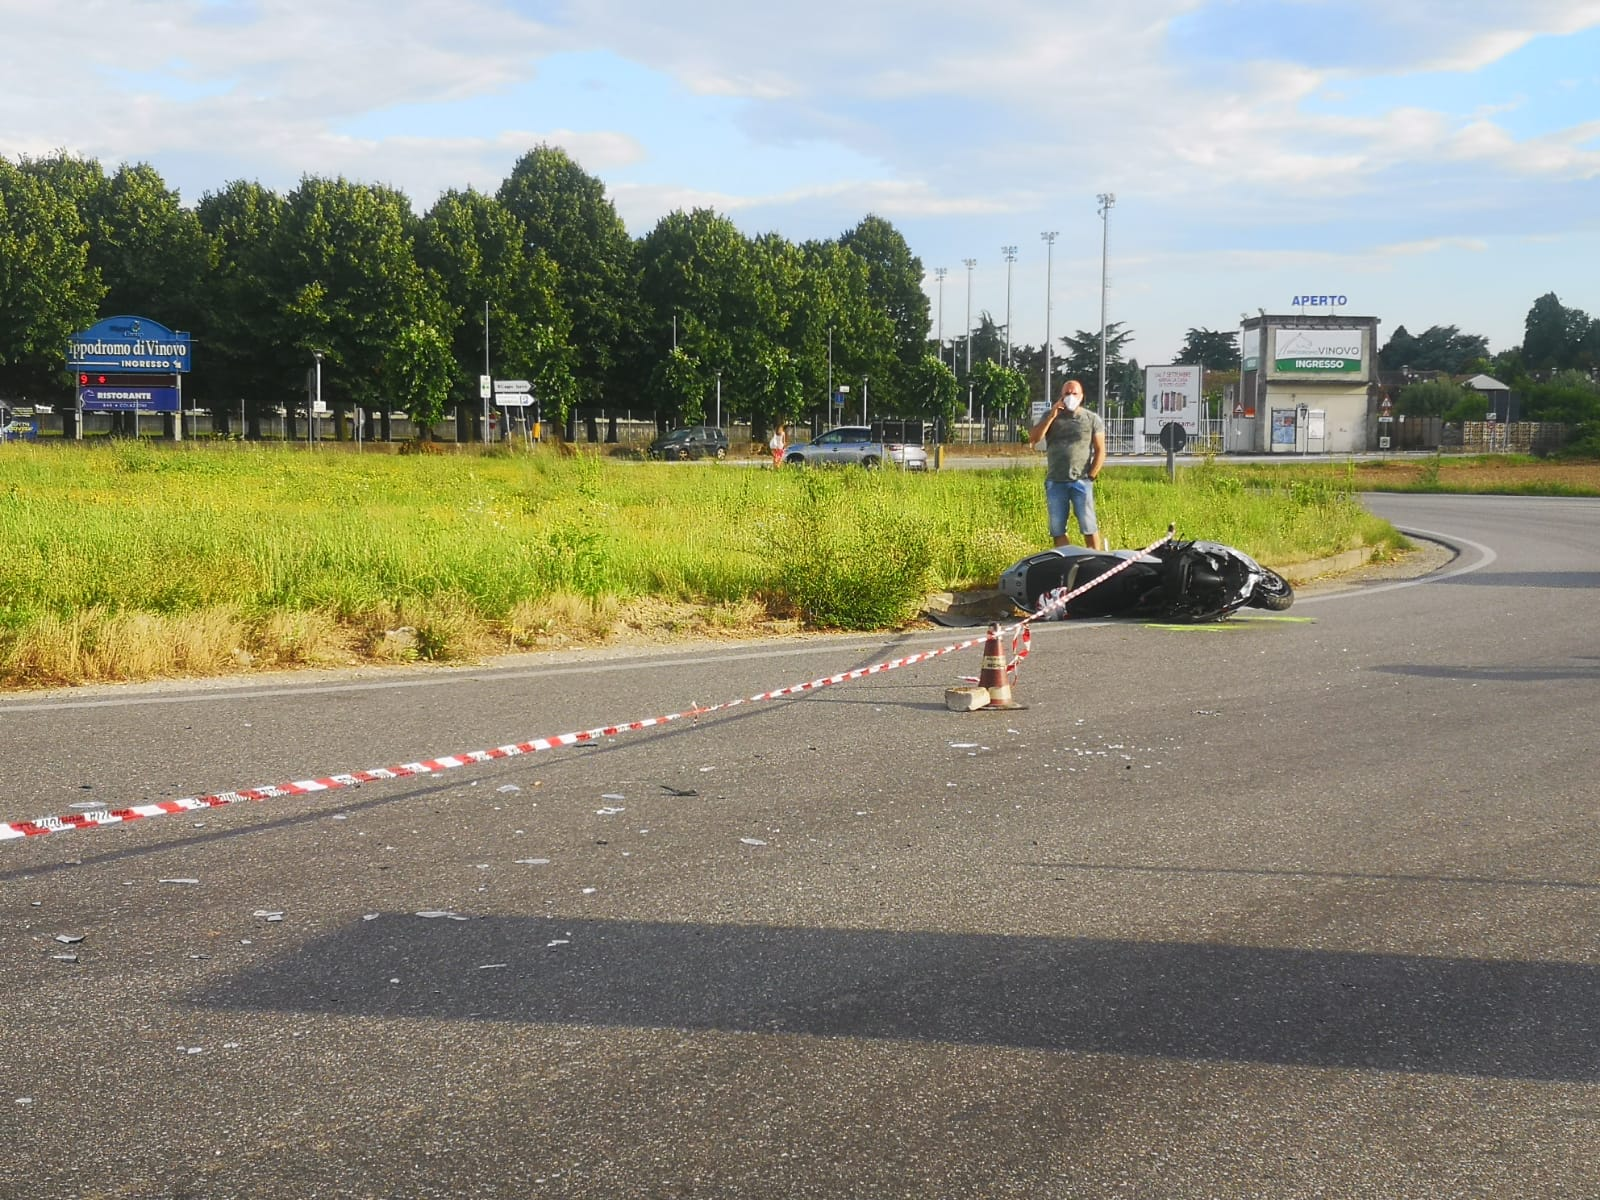 NICHELINO – Tragedia alla rotatoria di Mondojuve: muore un motociclista